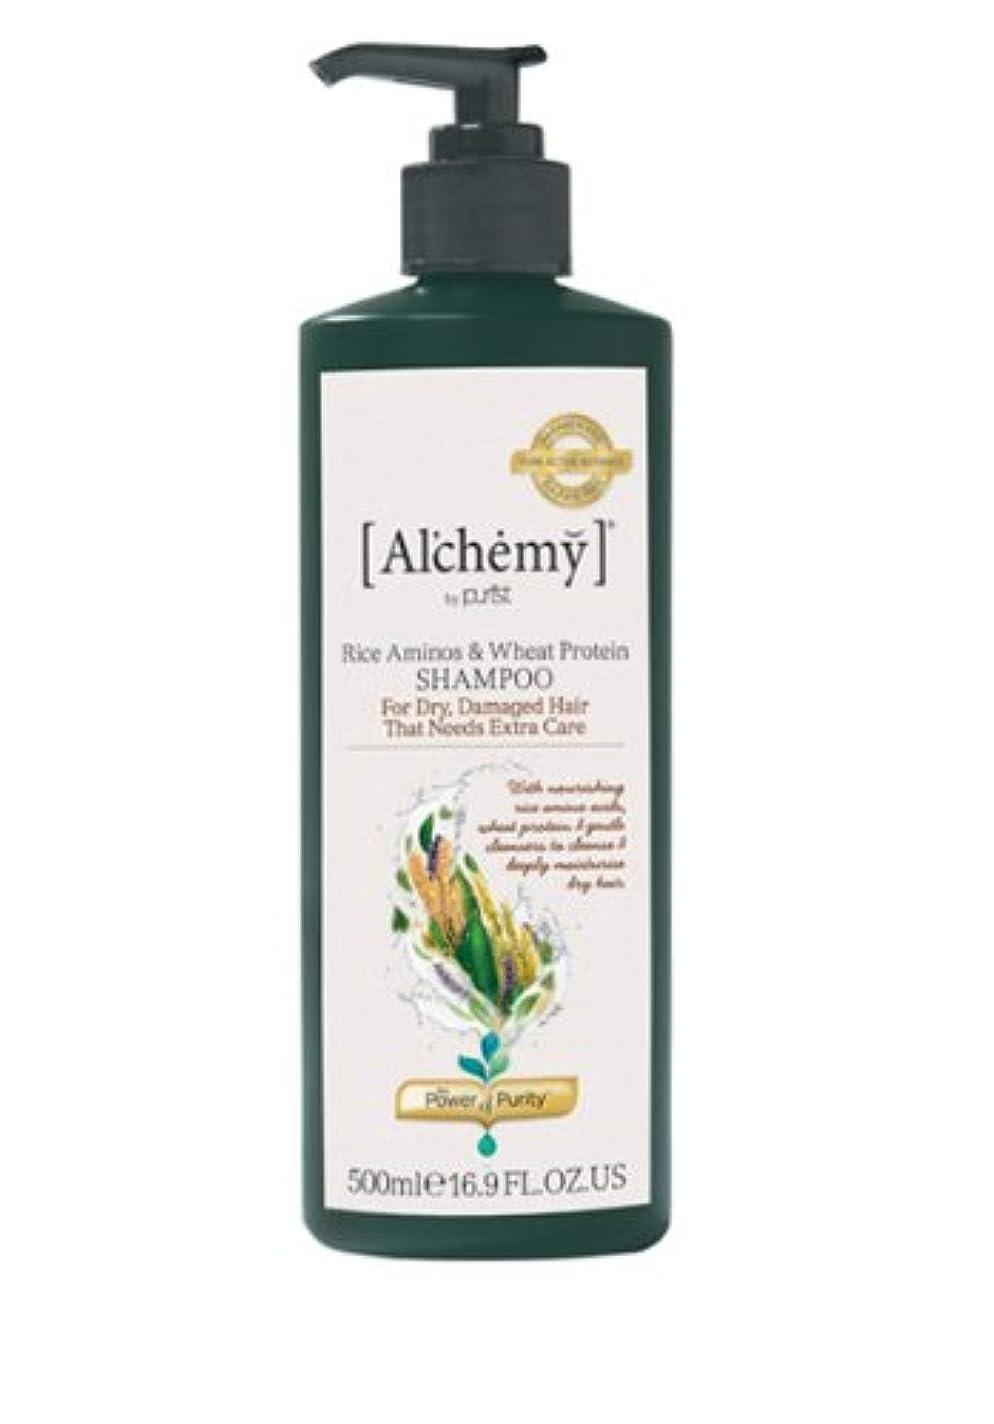 織機地平線はちみつ【Al'chemy(alchemy)】アルケミー ライス アミノス モイスチャーシャンプー(Rice Aminos-Intensive Moisture Shampoo)(ドライ髪用)500ml